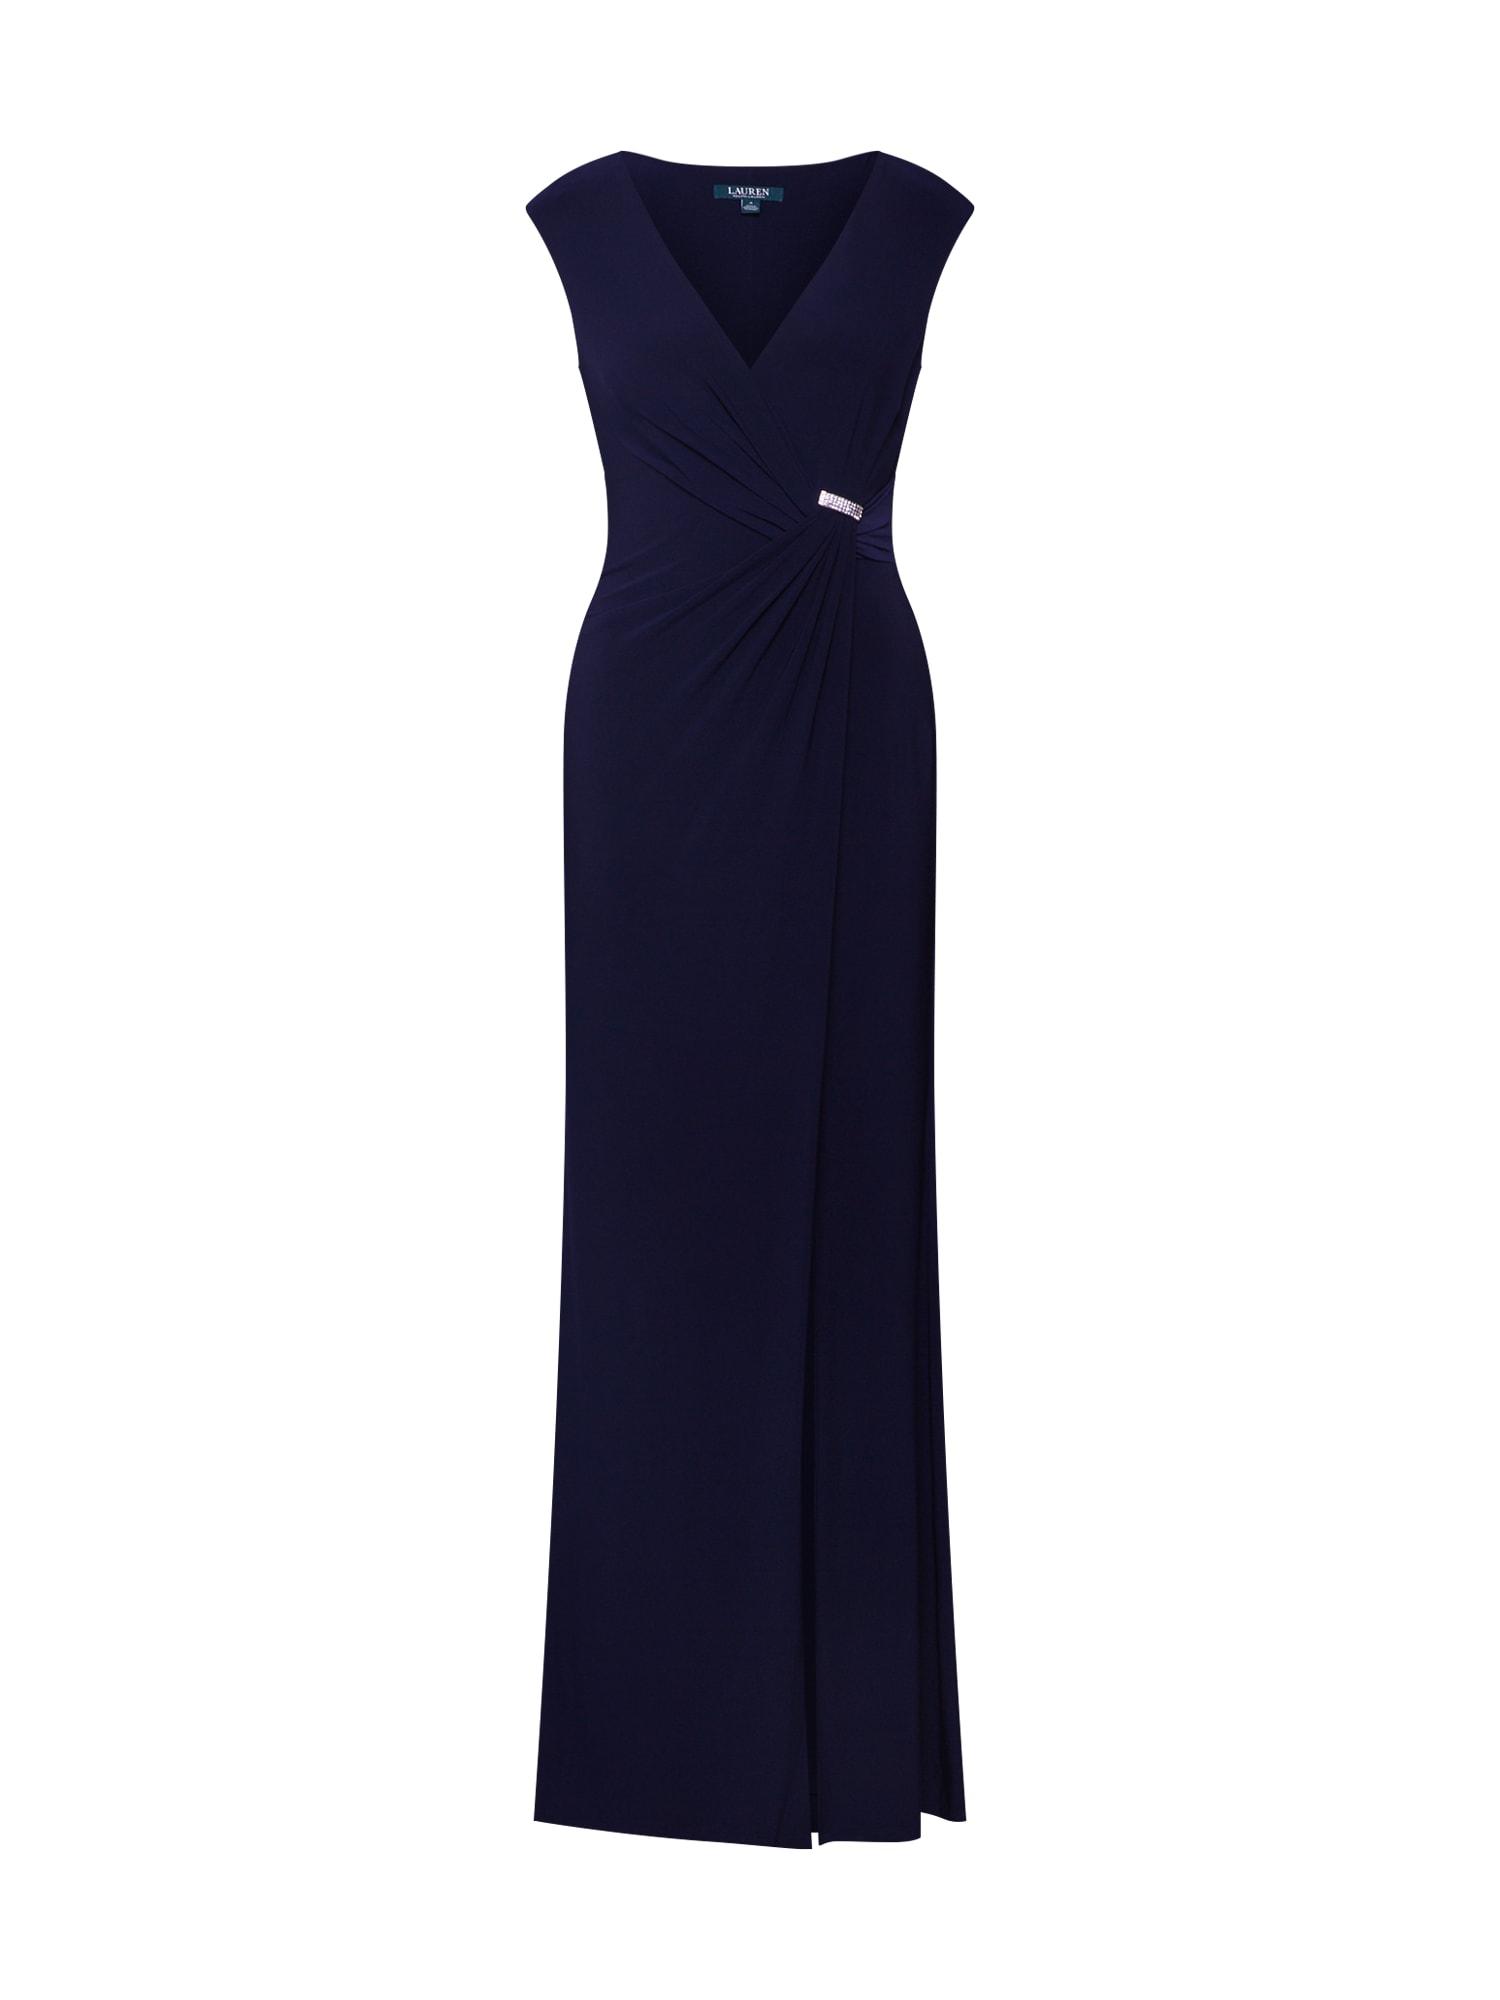 Abendkleid 'THOMPSON' | Bekleidung > Kleider > Abendkleider | Lauren Ralph Lauren